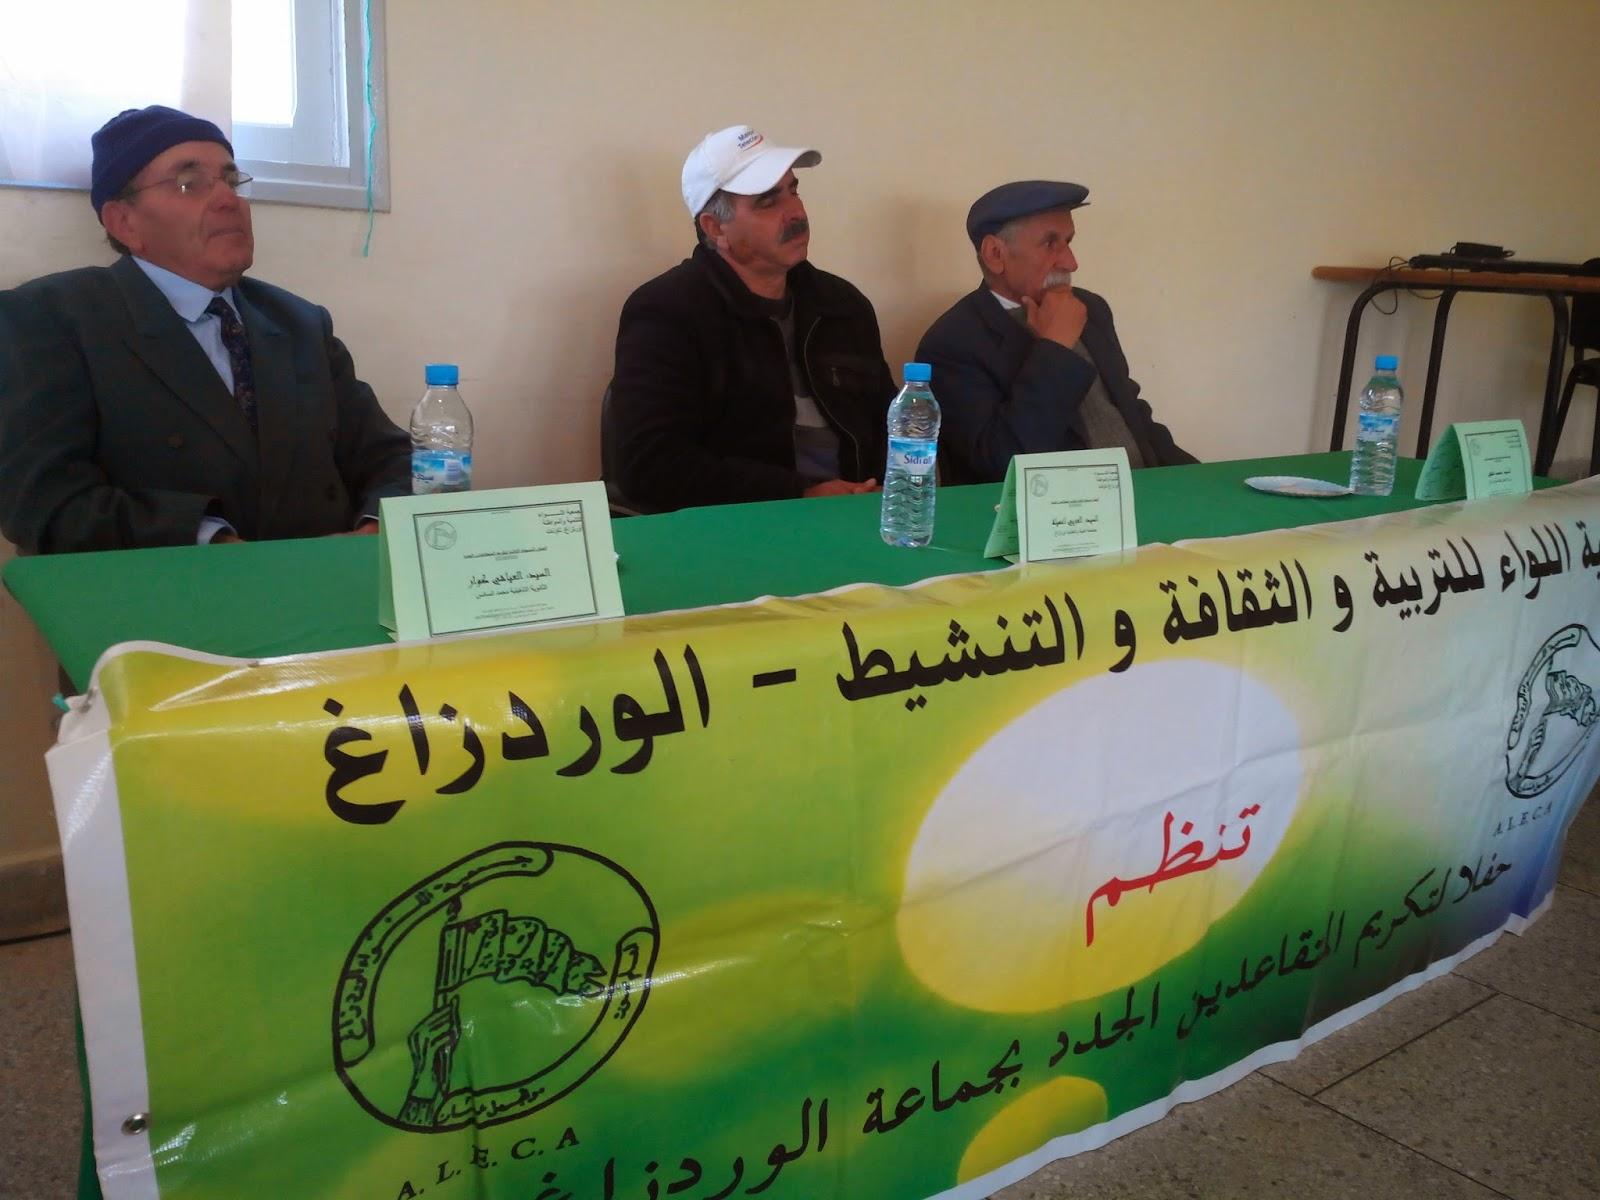 تاونات: جمعية اللواء للتنمية والمواطنة تكرم متقاعدين لهذه السنة بجماعة أورتزا غ